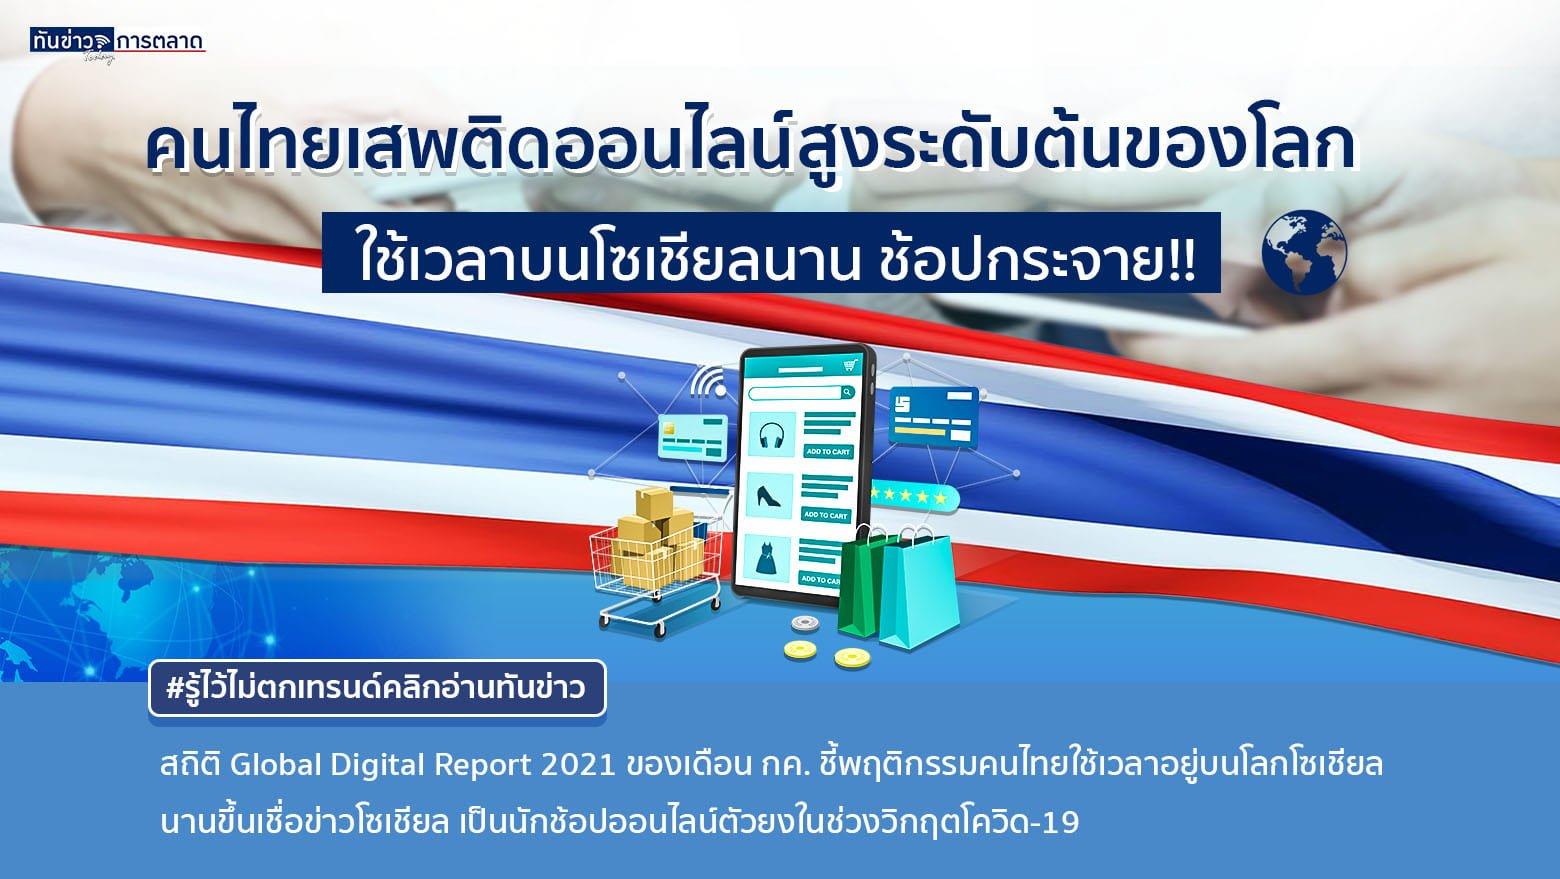 เปิดพฤติกรรมคนไทยเสพติดออนไลน์มากขึ้น เชื่อข่าวโซเชียลสูงเป็นอันดับ 2  เข้าใช้เฟสบุ้คสูงเป็นอันดับ 8 ของโลก ช่วงโควิดช้อปกระจาย !!!